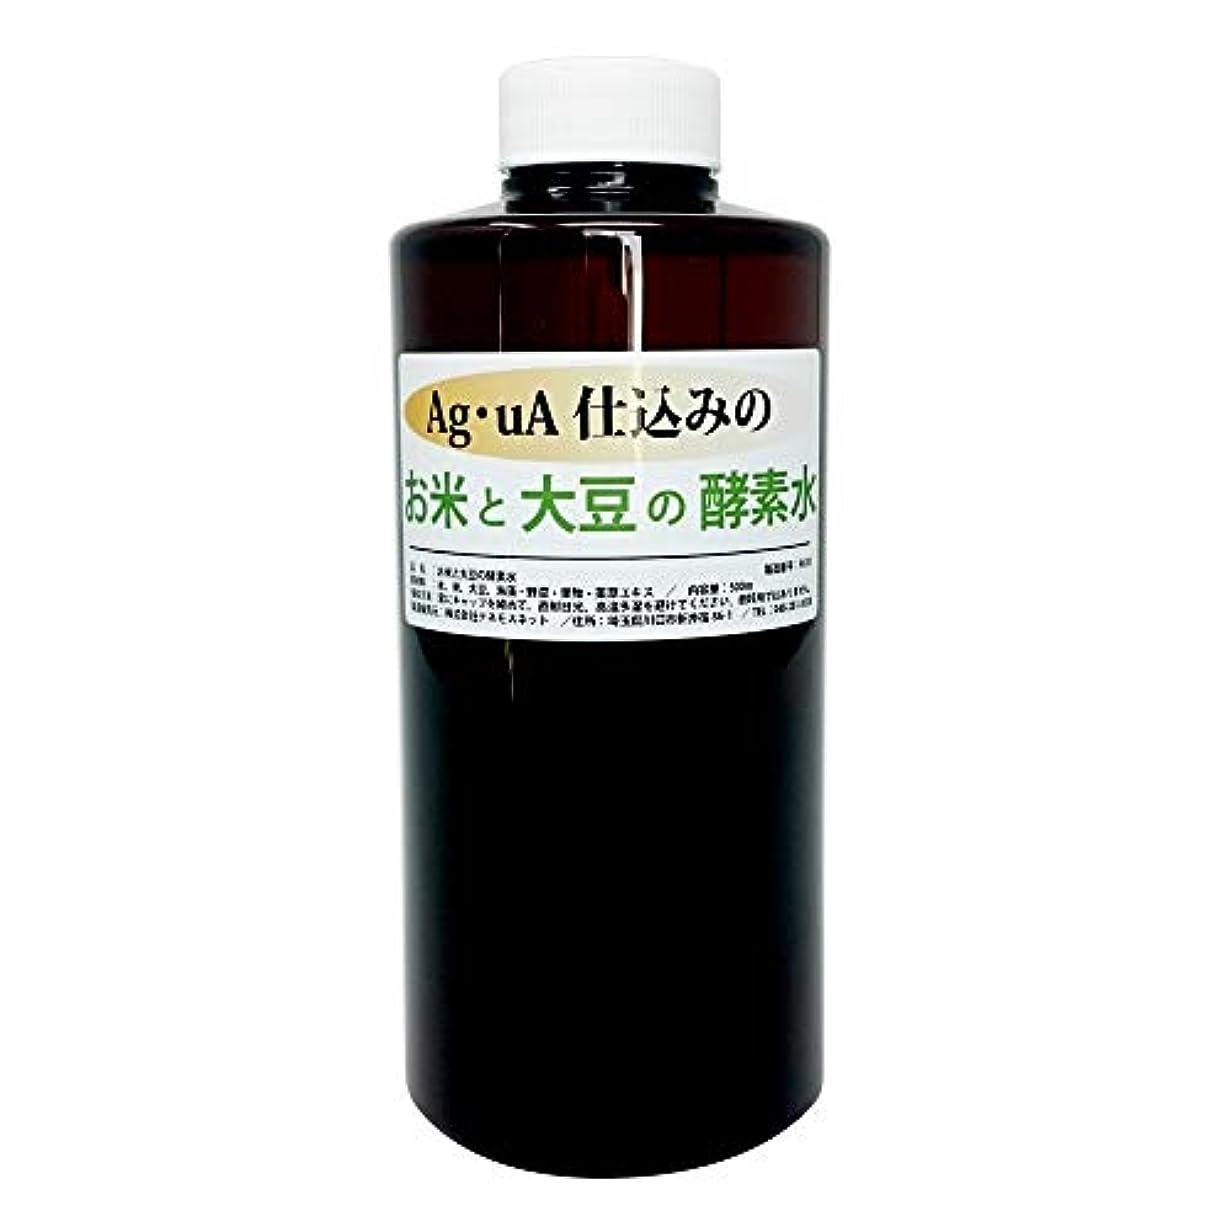 順応性整然とした毒性テネモス アグア仕込みのお米と大豆の酵素水 500ml